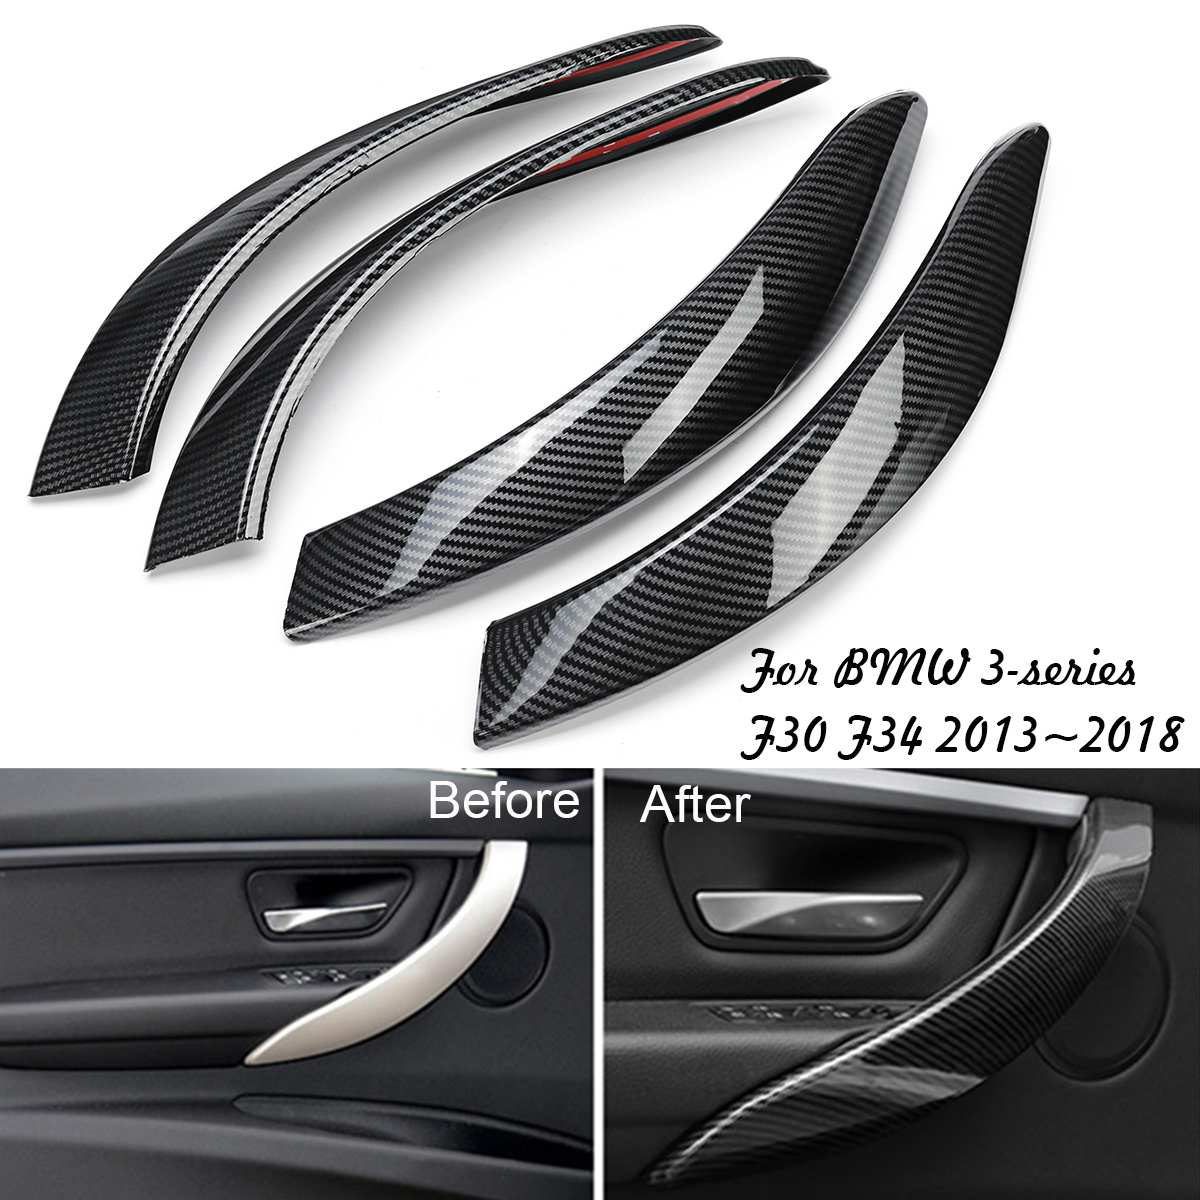 4 pièces Intérieur Poignée de Porte pour BMW Série 3 F30 F34 2013 ~ 2018 En Fiber de Carbone Intérieur ABS Garniture Poignée Autocollant